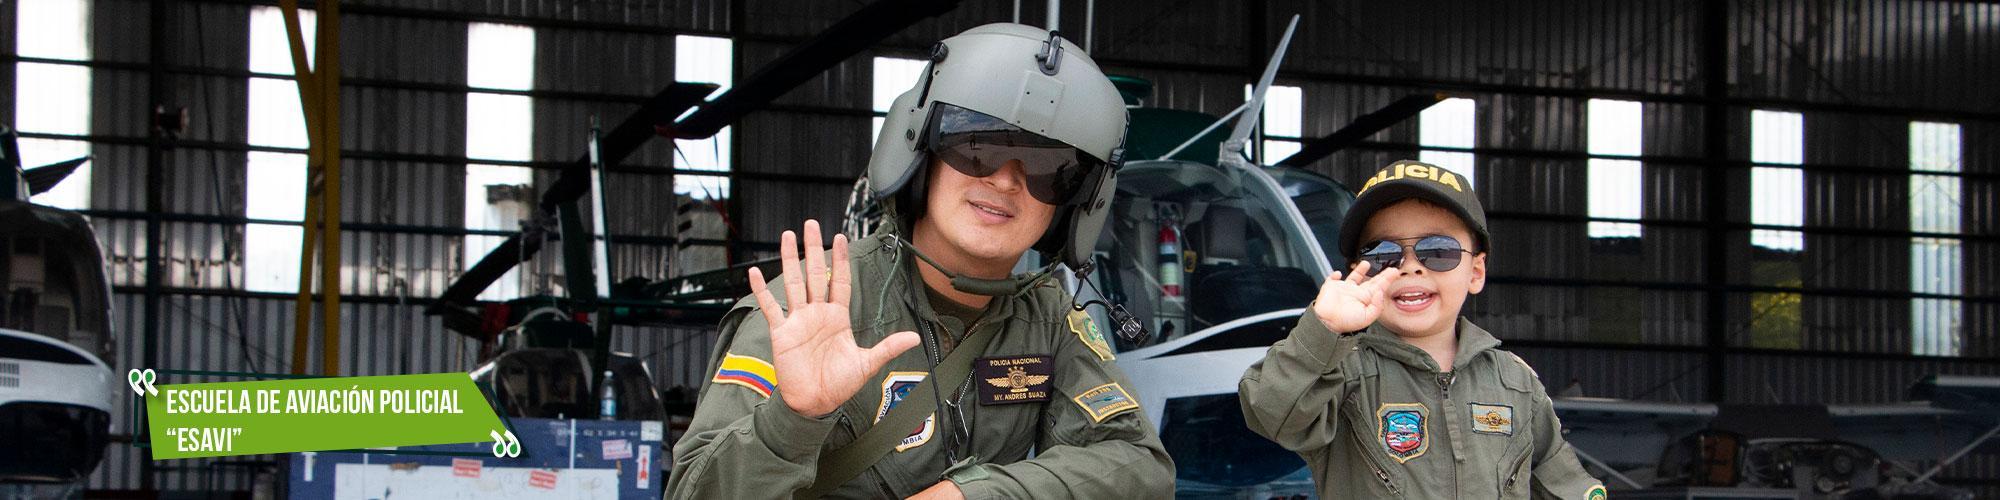 Escuela aviación policial